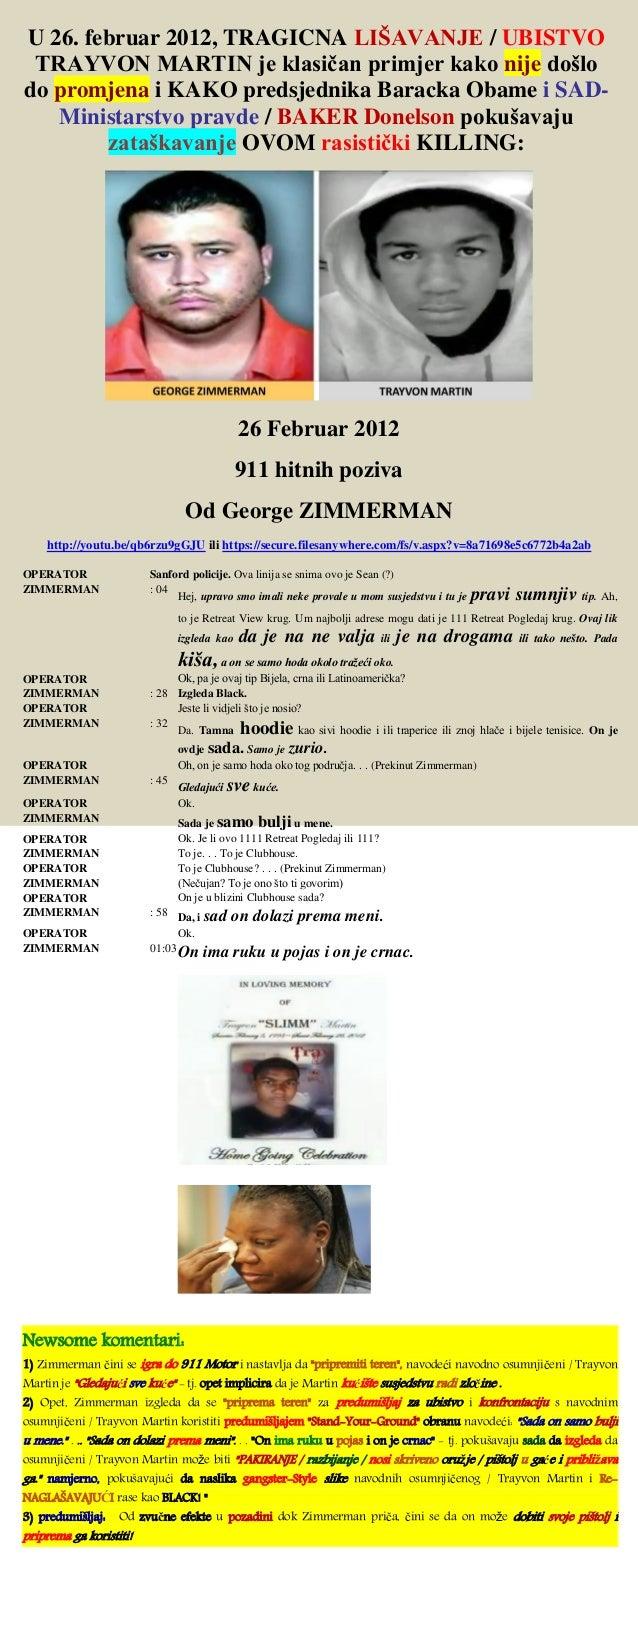 U 26. februar 2012, TRAGICNA LIŠAVANJE / UBISTVO TRAYVON MARTIN je klasičan primjer kako nije došlo do promjena i KAKO pre...